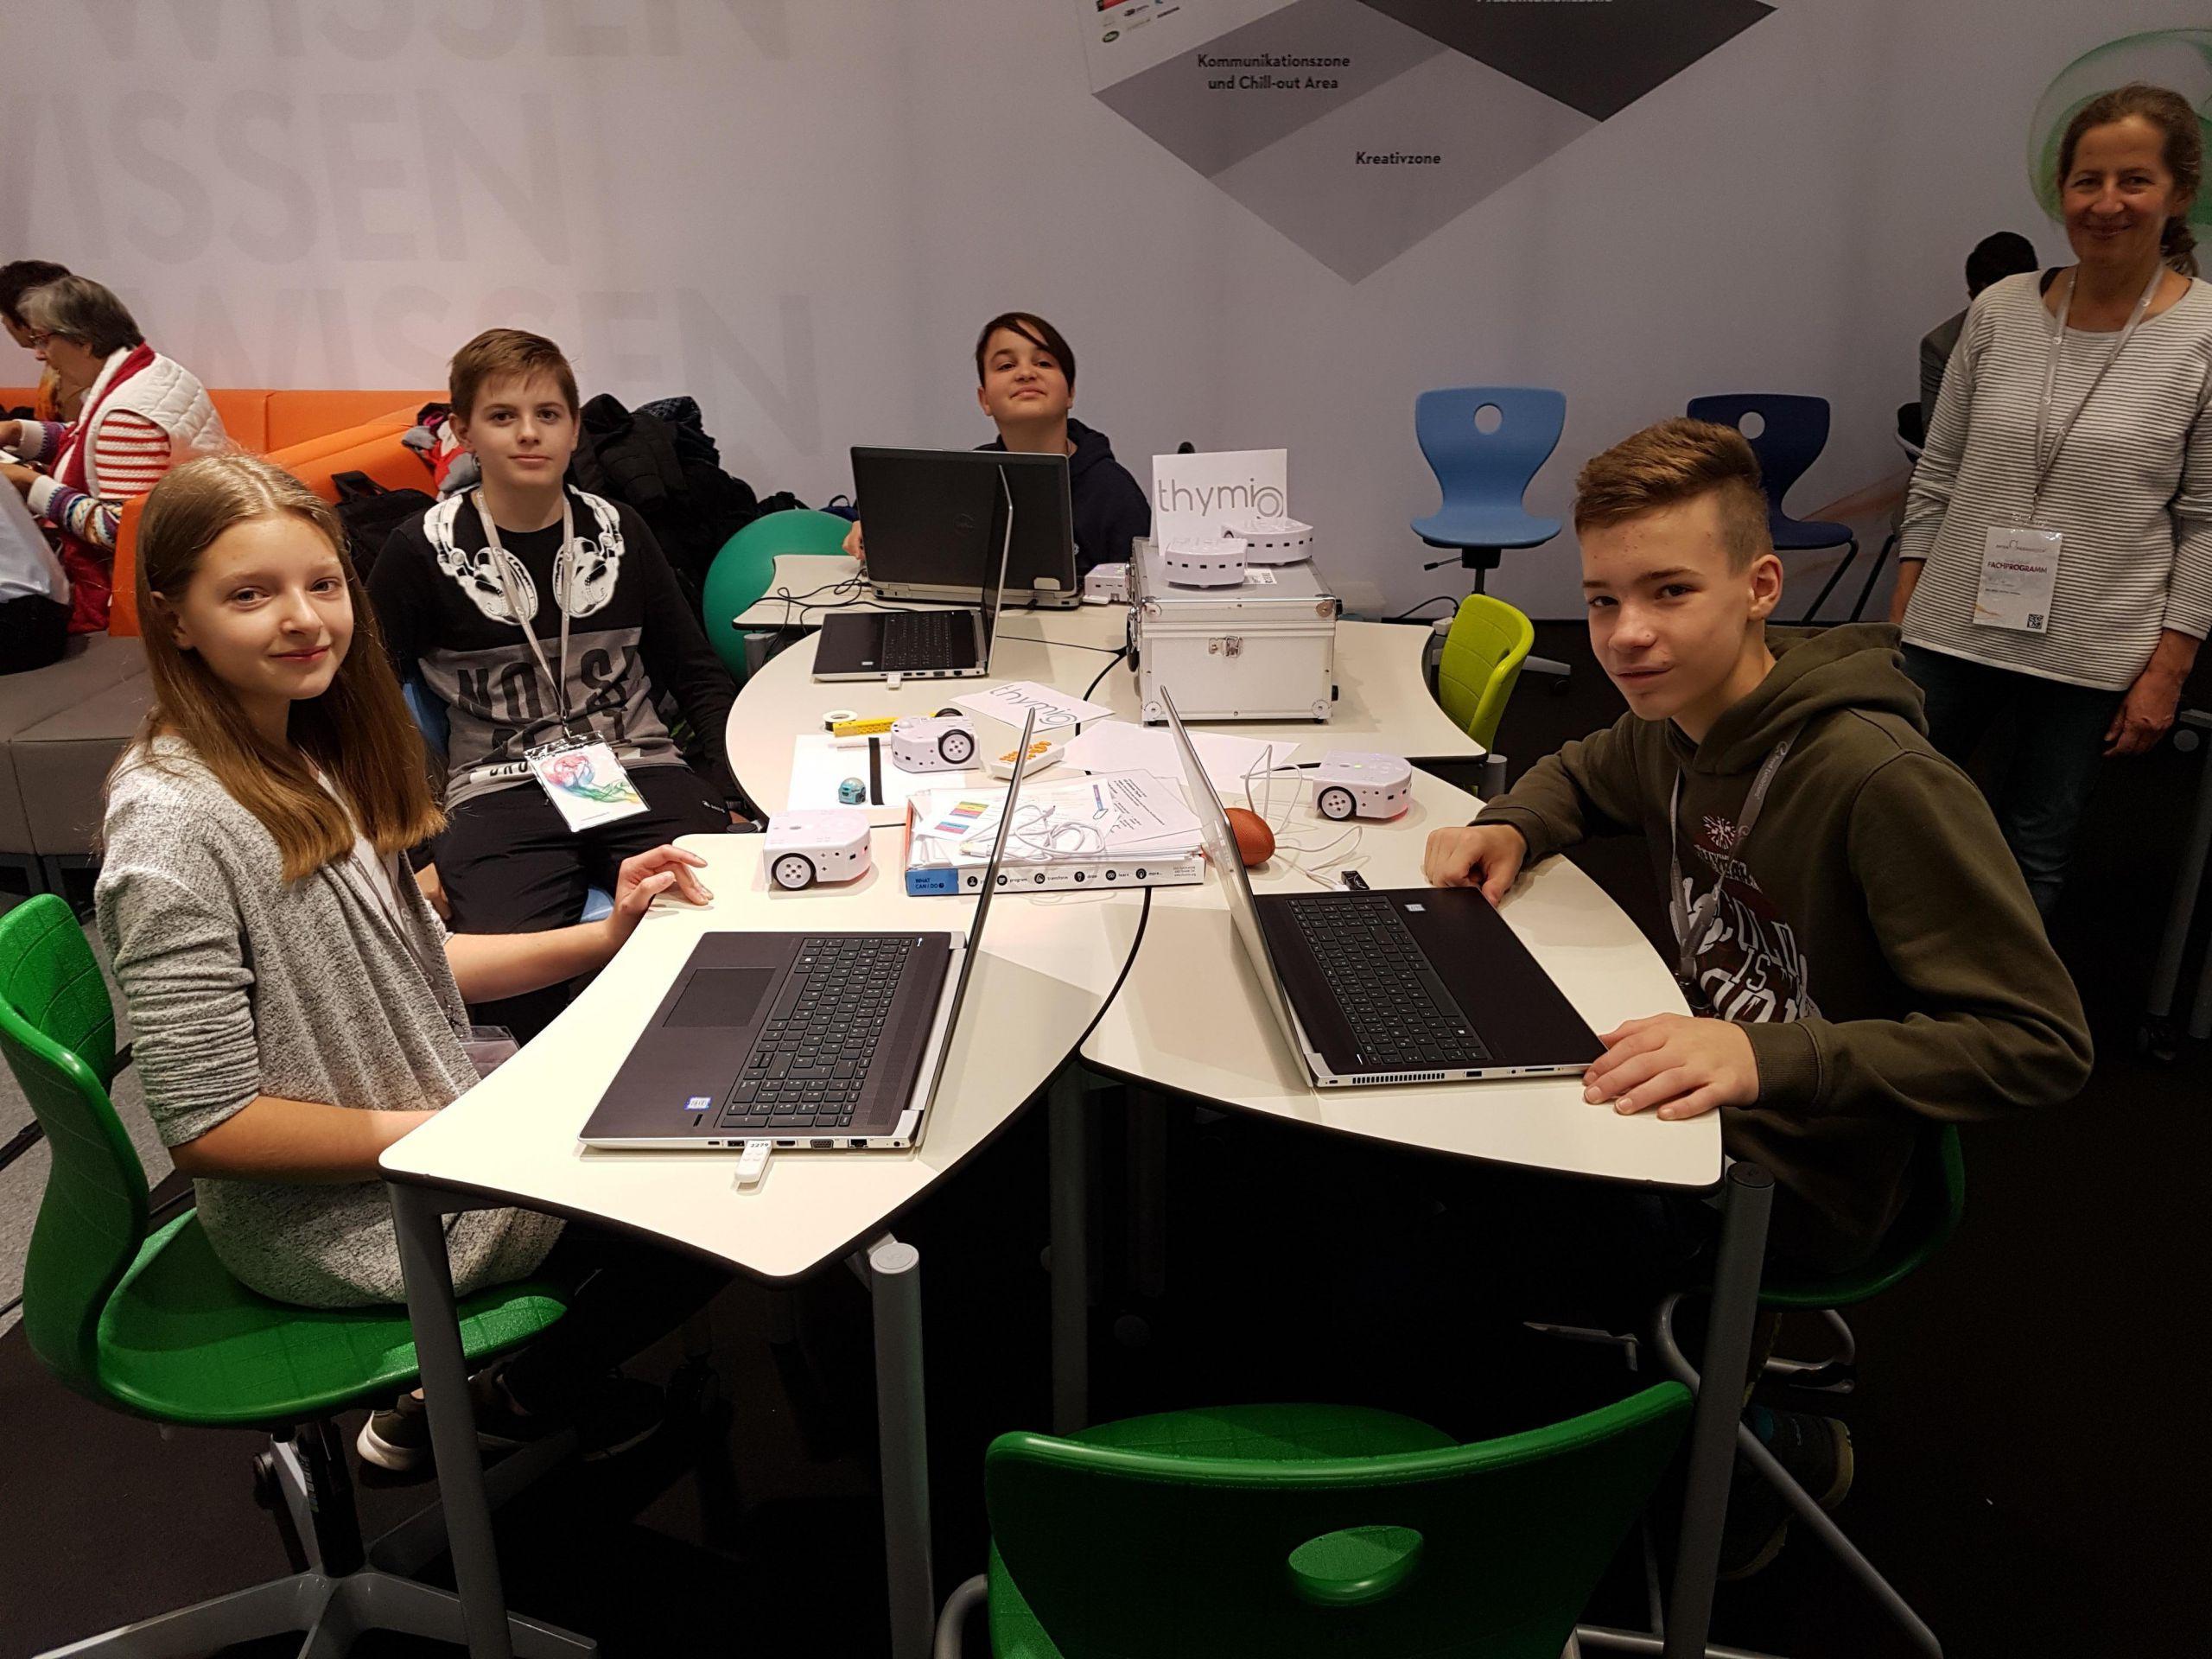 Workshopgestaltung der Robotikgruppe bei der Interpädagogica 2018